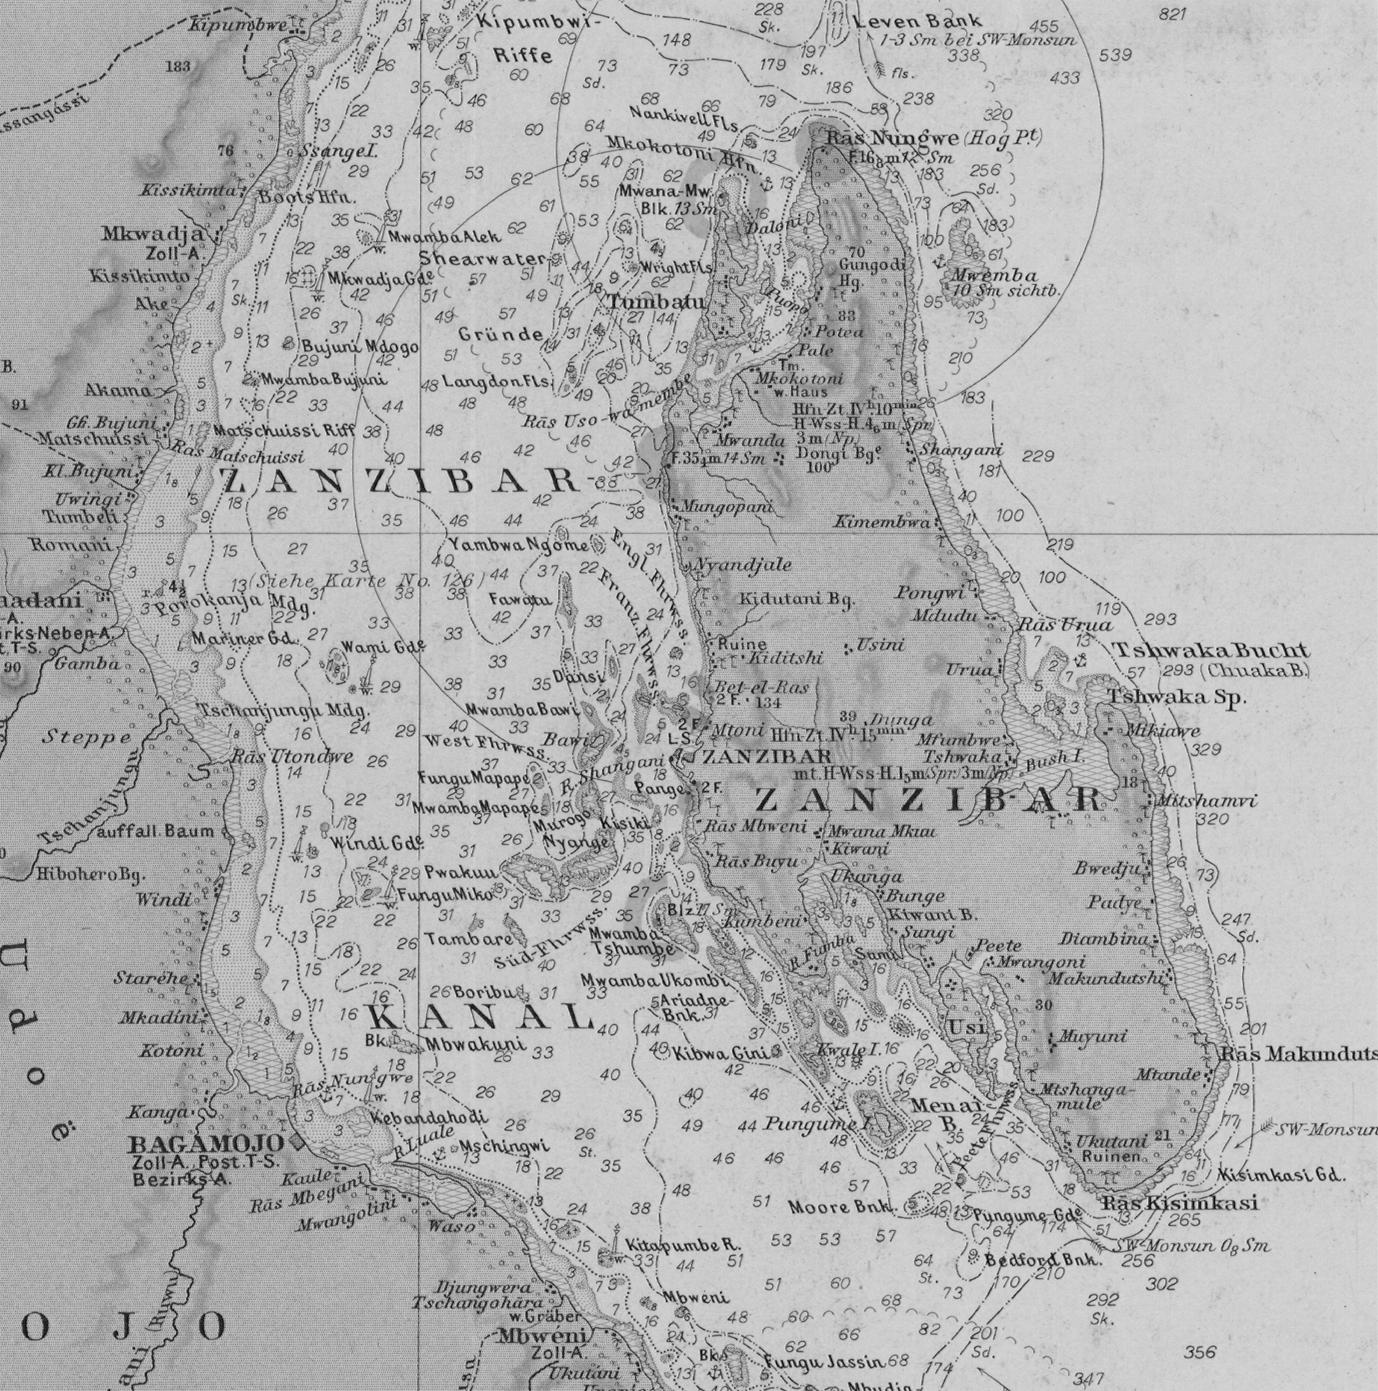 Marine Pay Chart: Zanzibar marine chart 1891.jpg - Wikimedia Commons,Chart